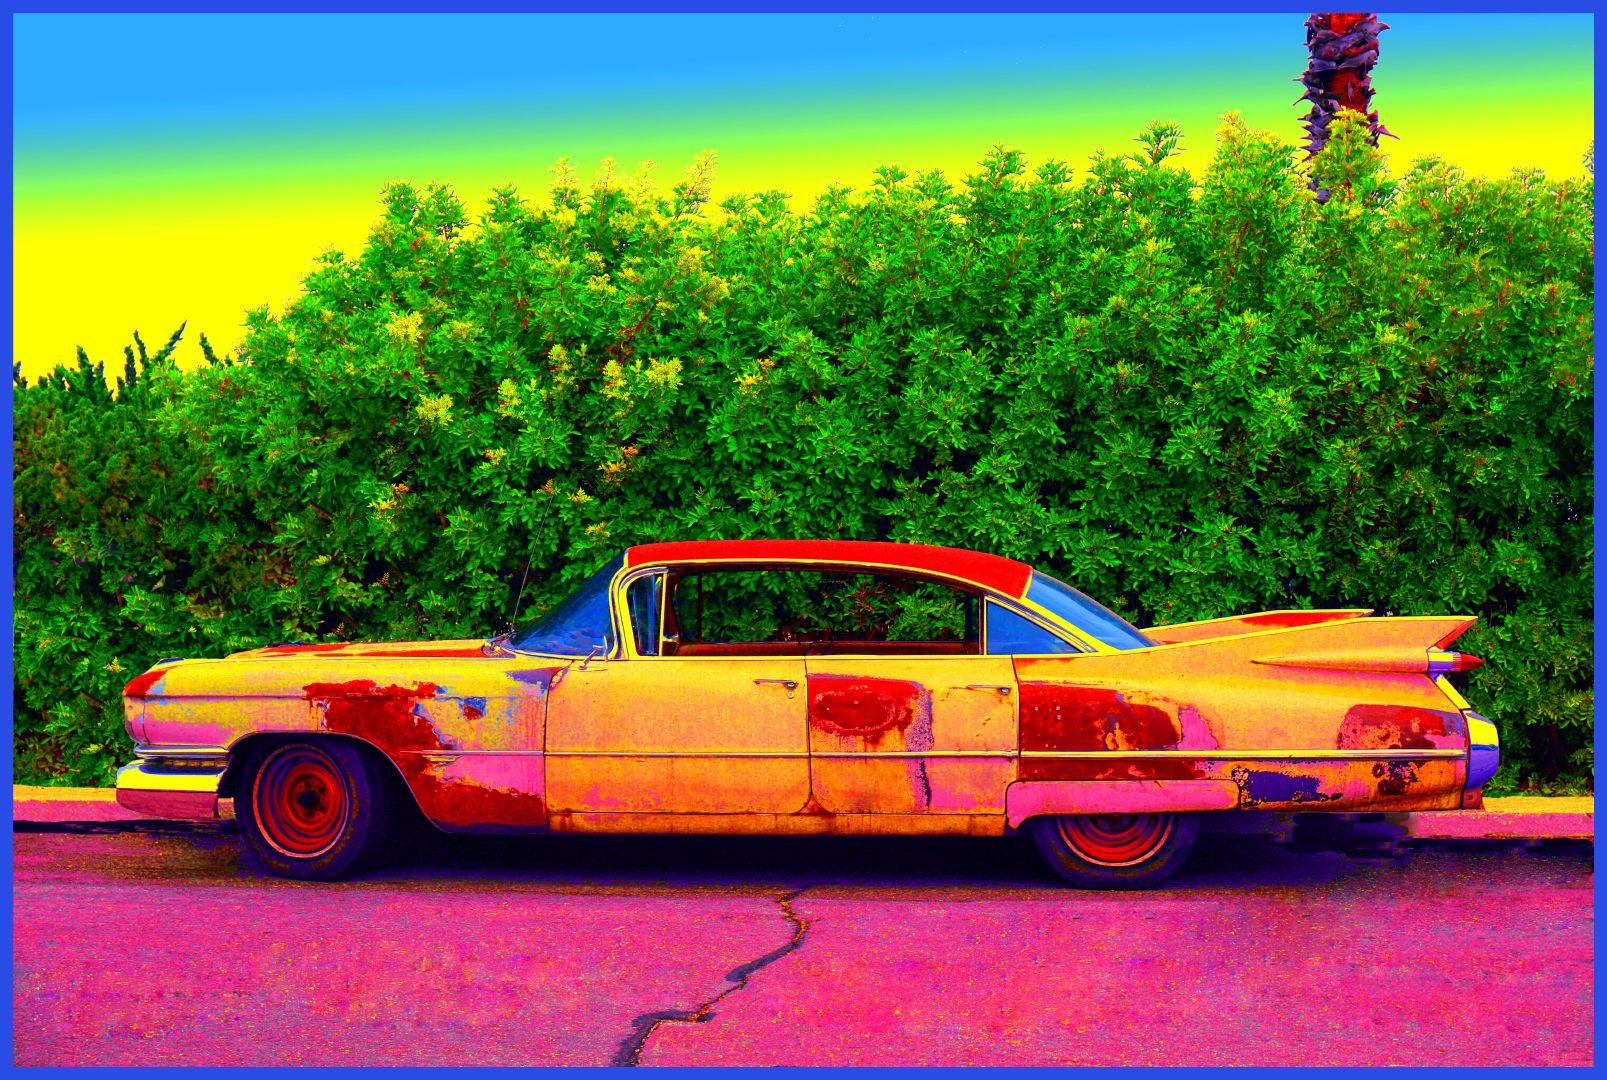 Gottlieb-Rusty Old Caddie lg.jpg